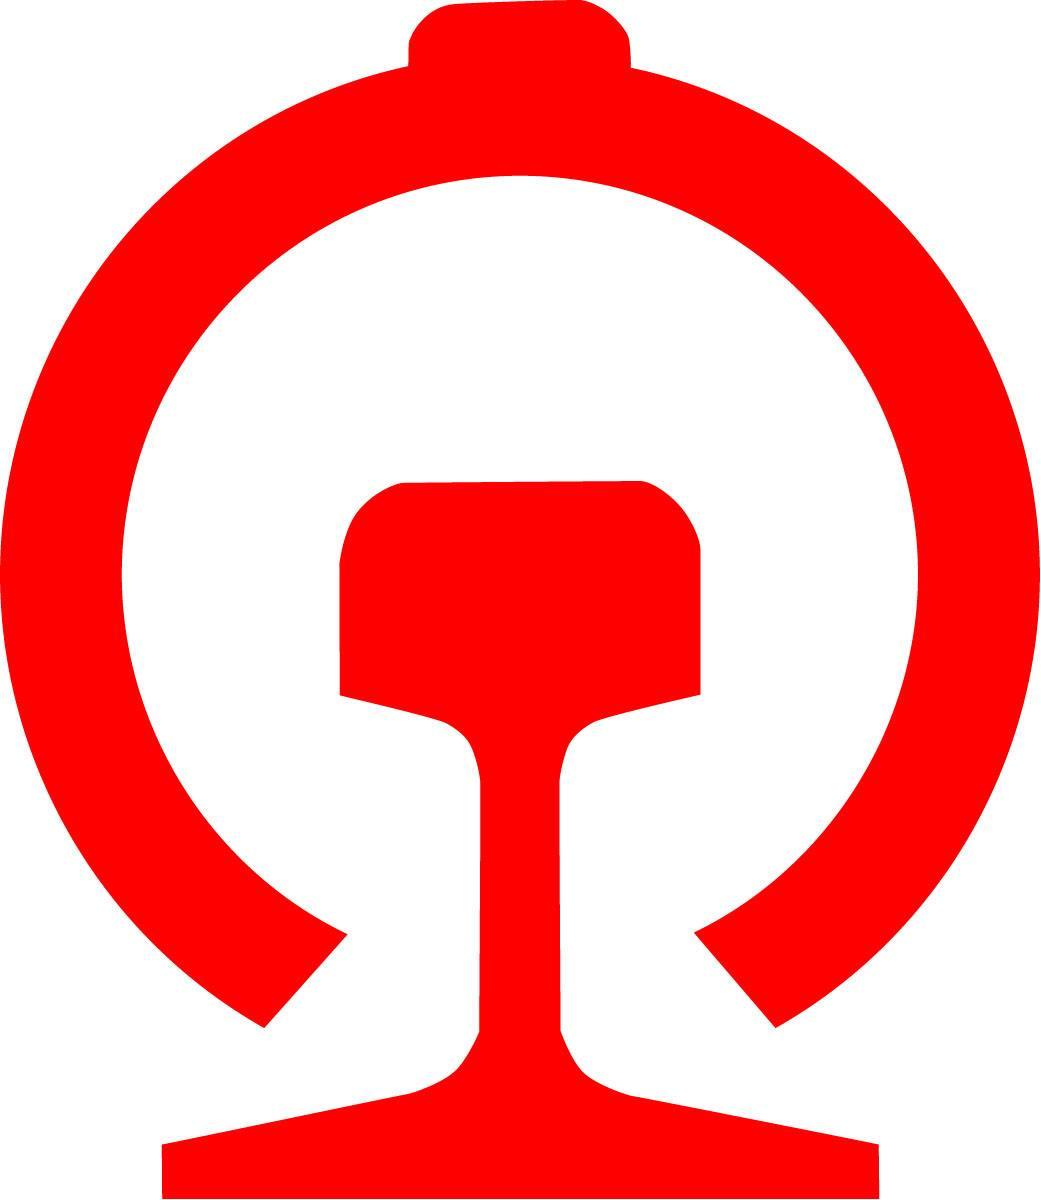 中国raybet雷竞技客户端路徽大图